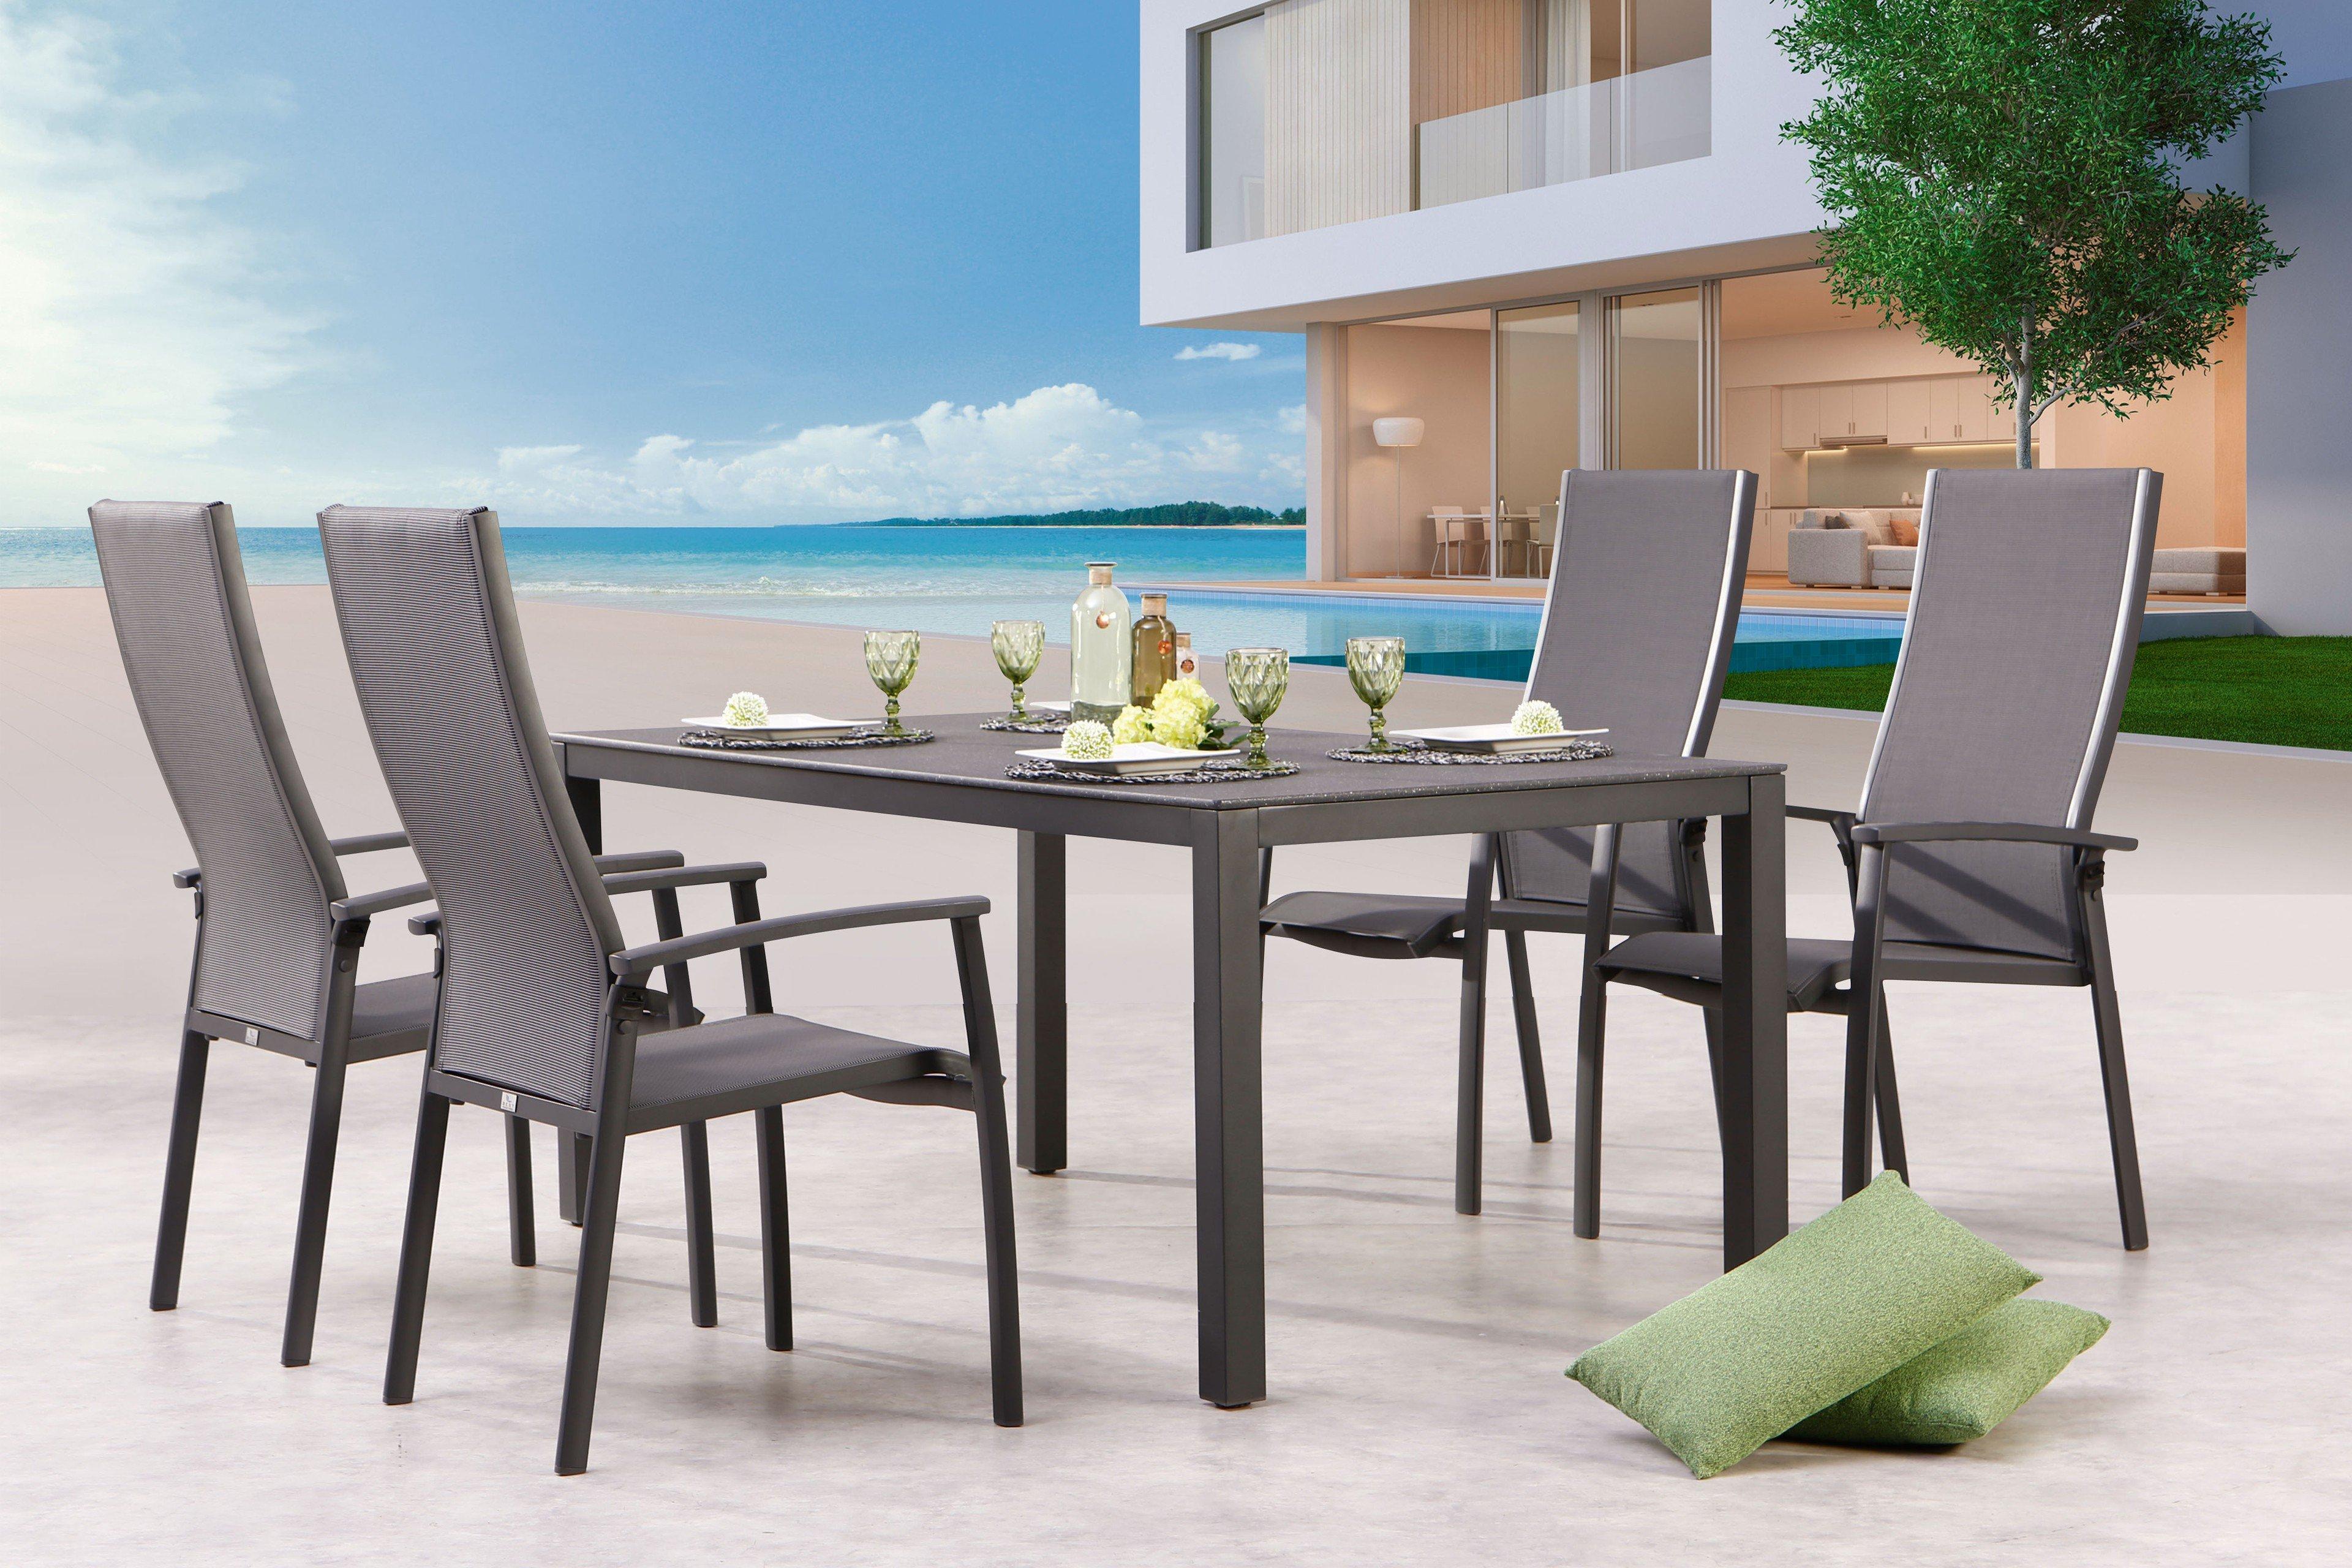 Best Gartentisch Livorno Aluminium Anthrazit Möbel Letz Ihr